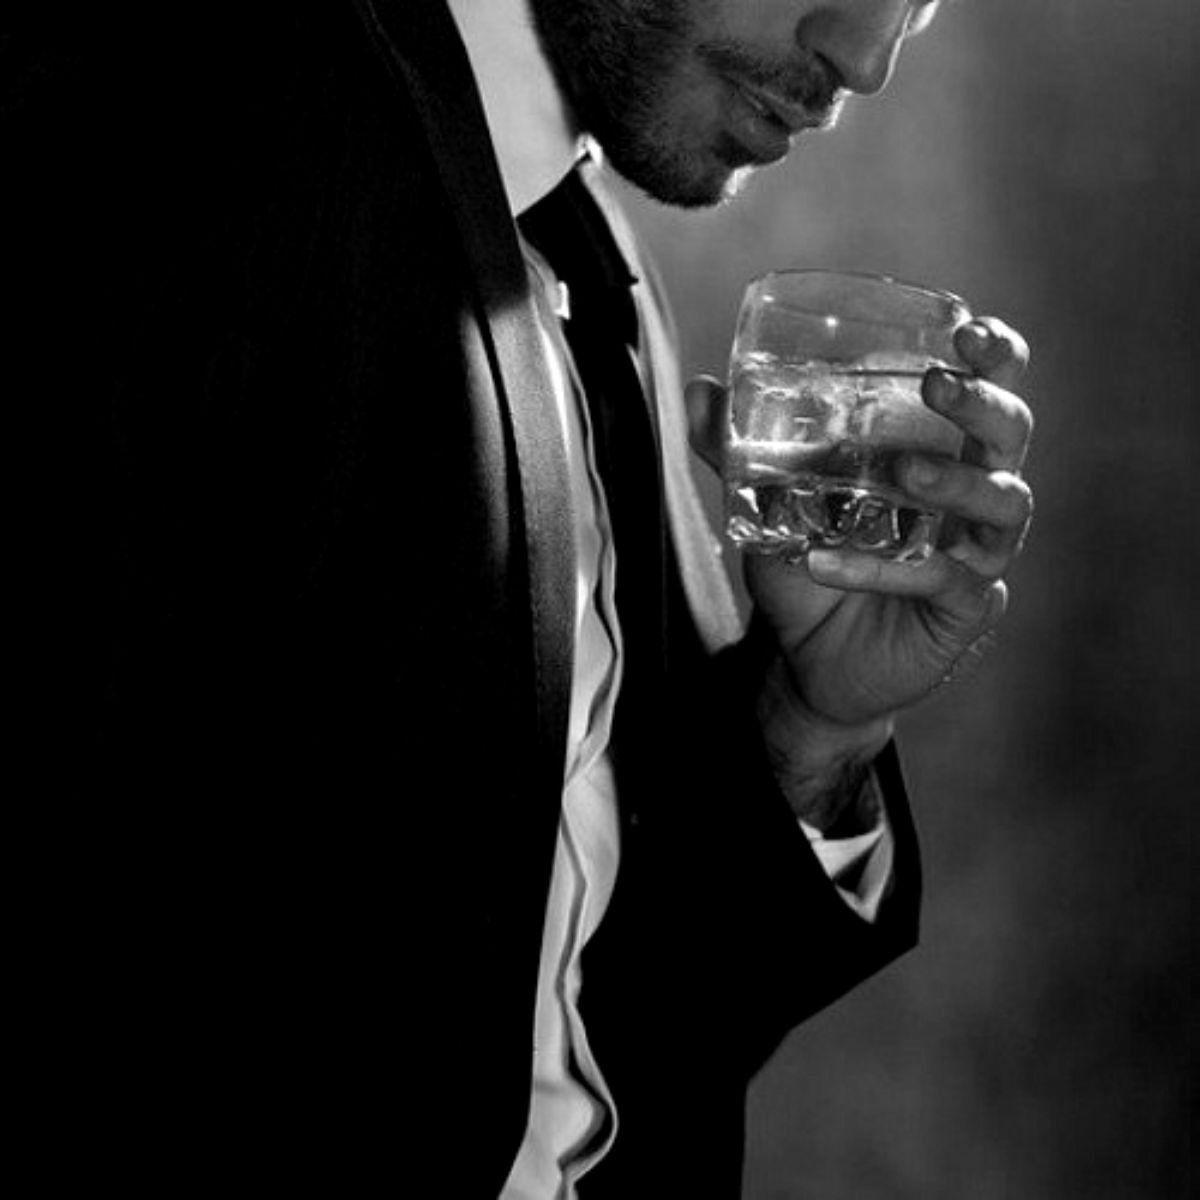 Картинки мужчин и виски